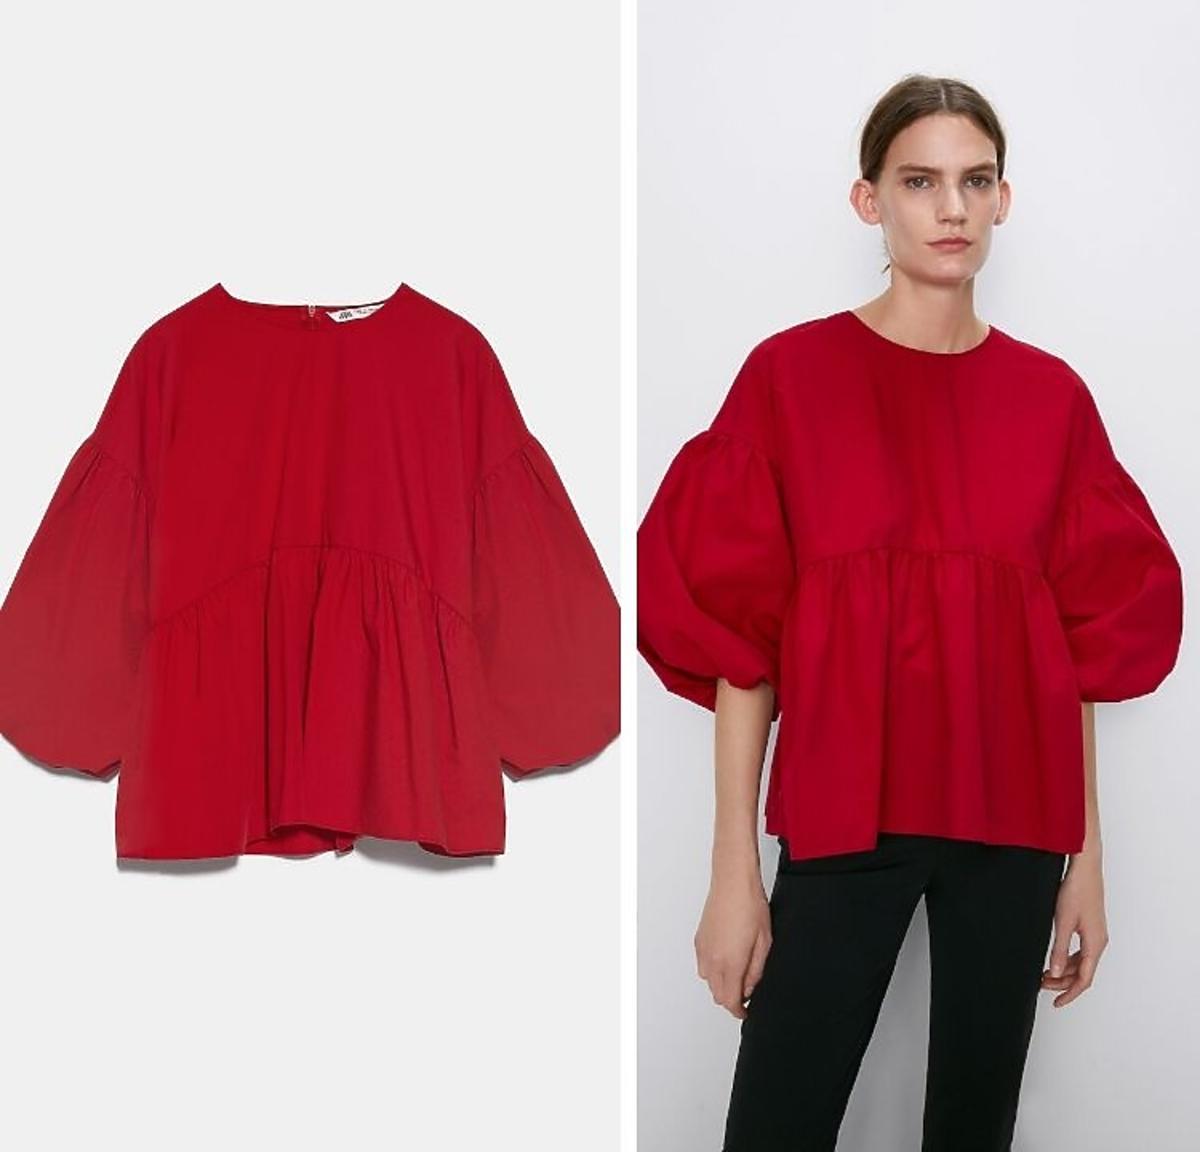 czerwona bluzka z bufkami Zara wyprzedaż